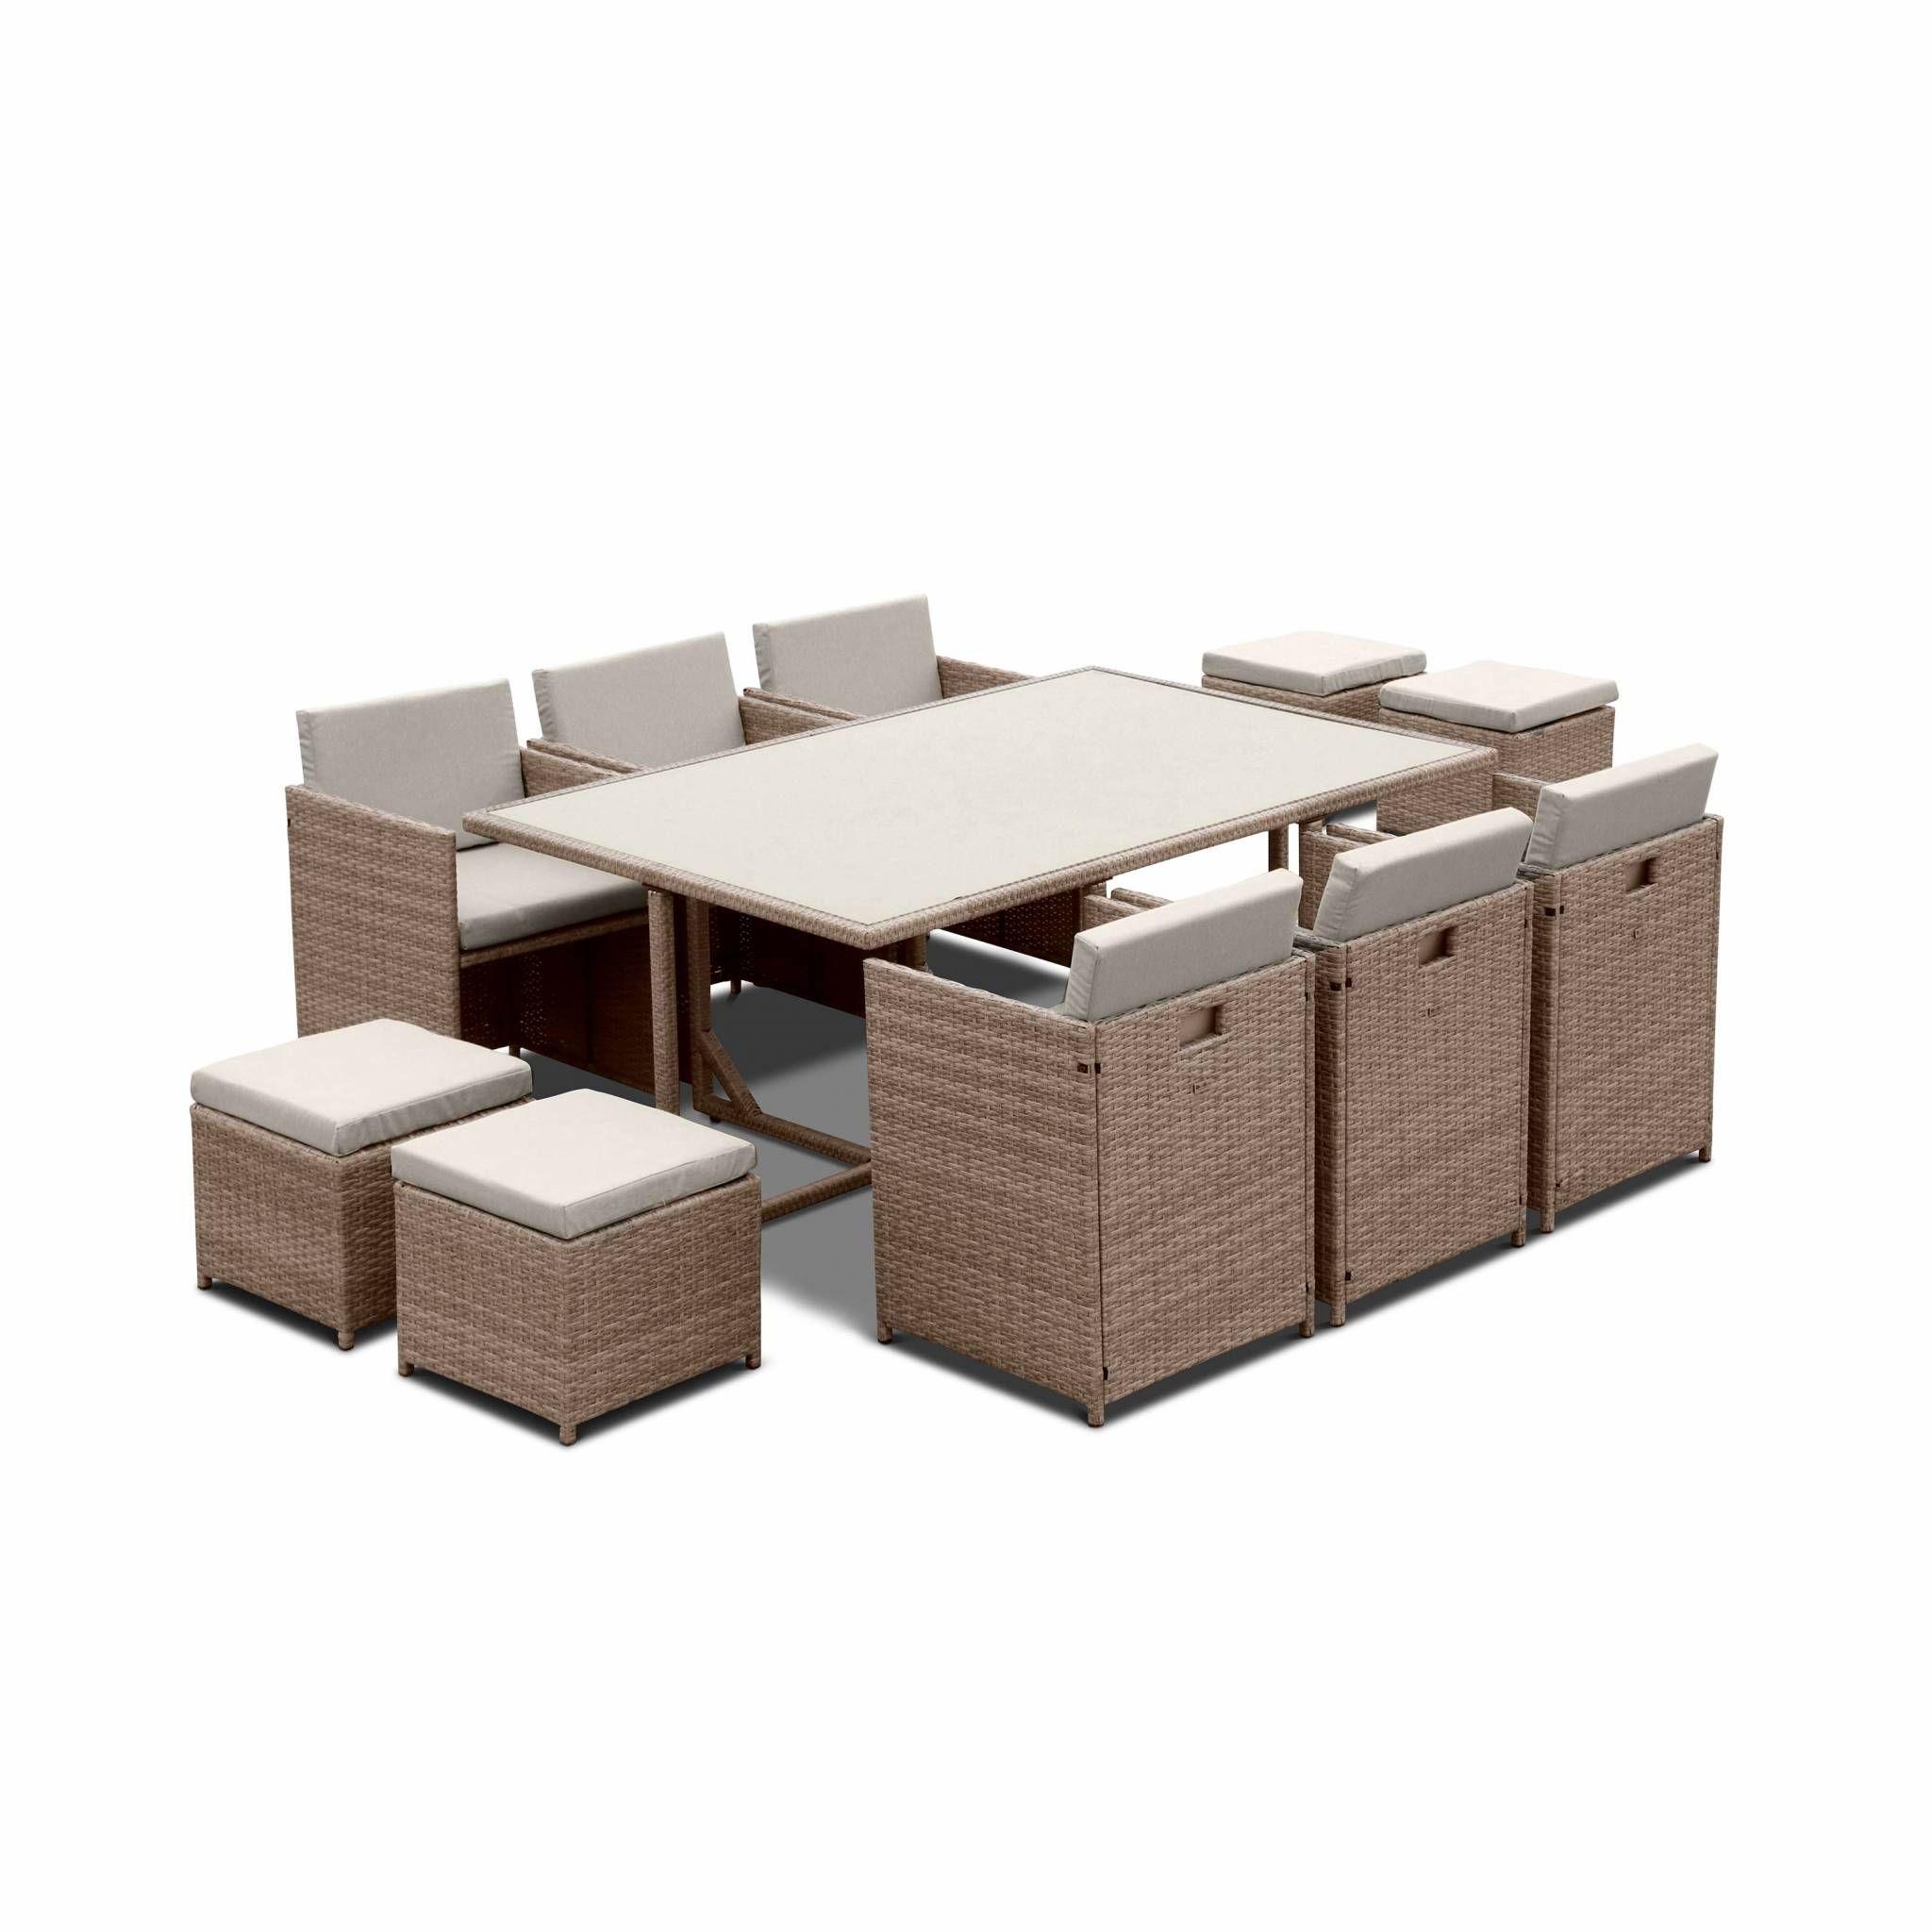 Salon de jardin 6-10 places - Vabo - Coloris Beige, Coussins beige, table encastrable.